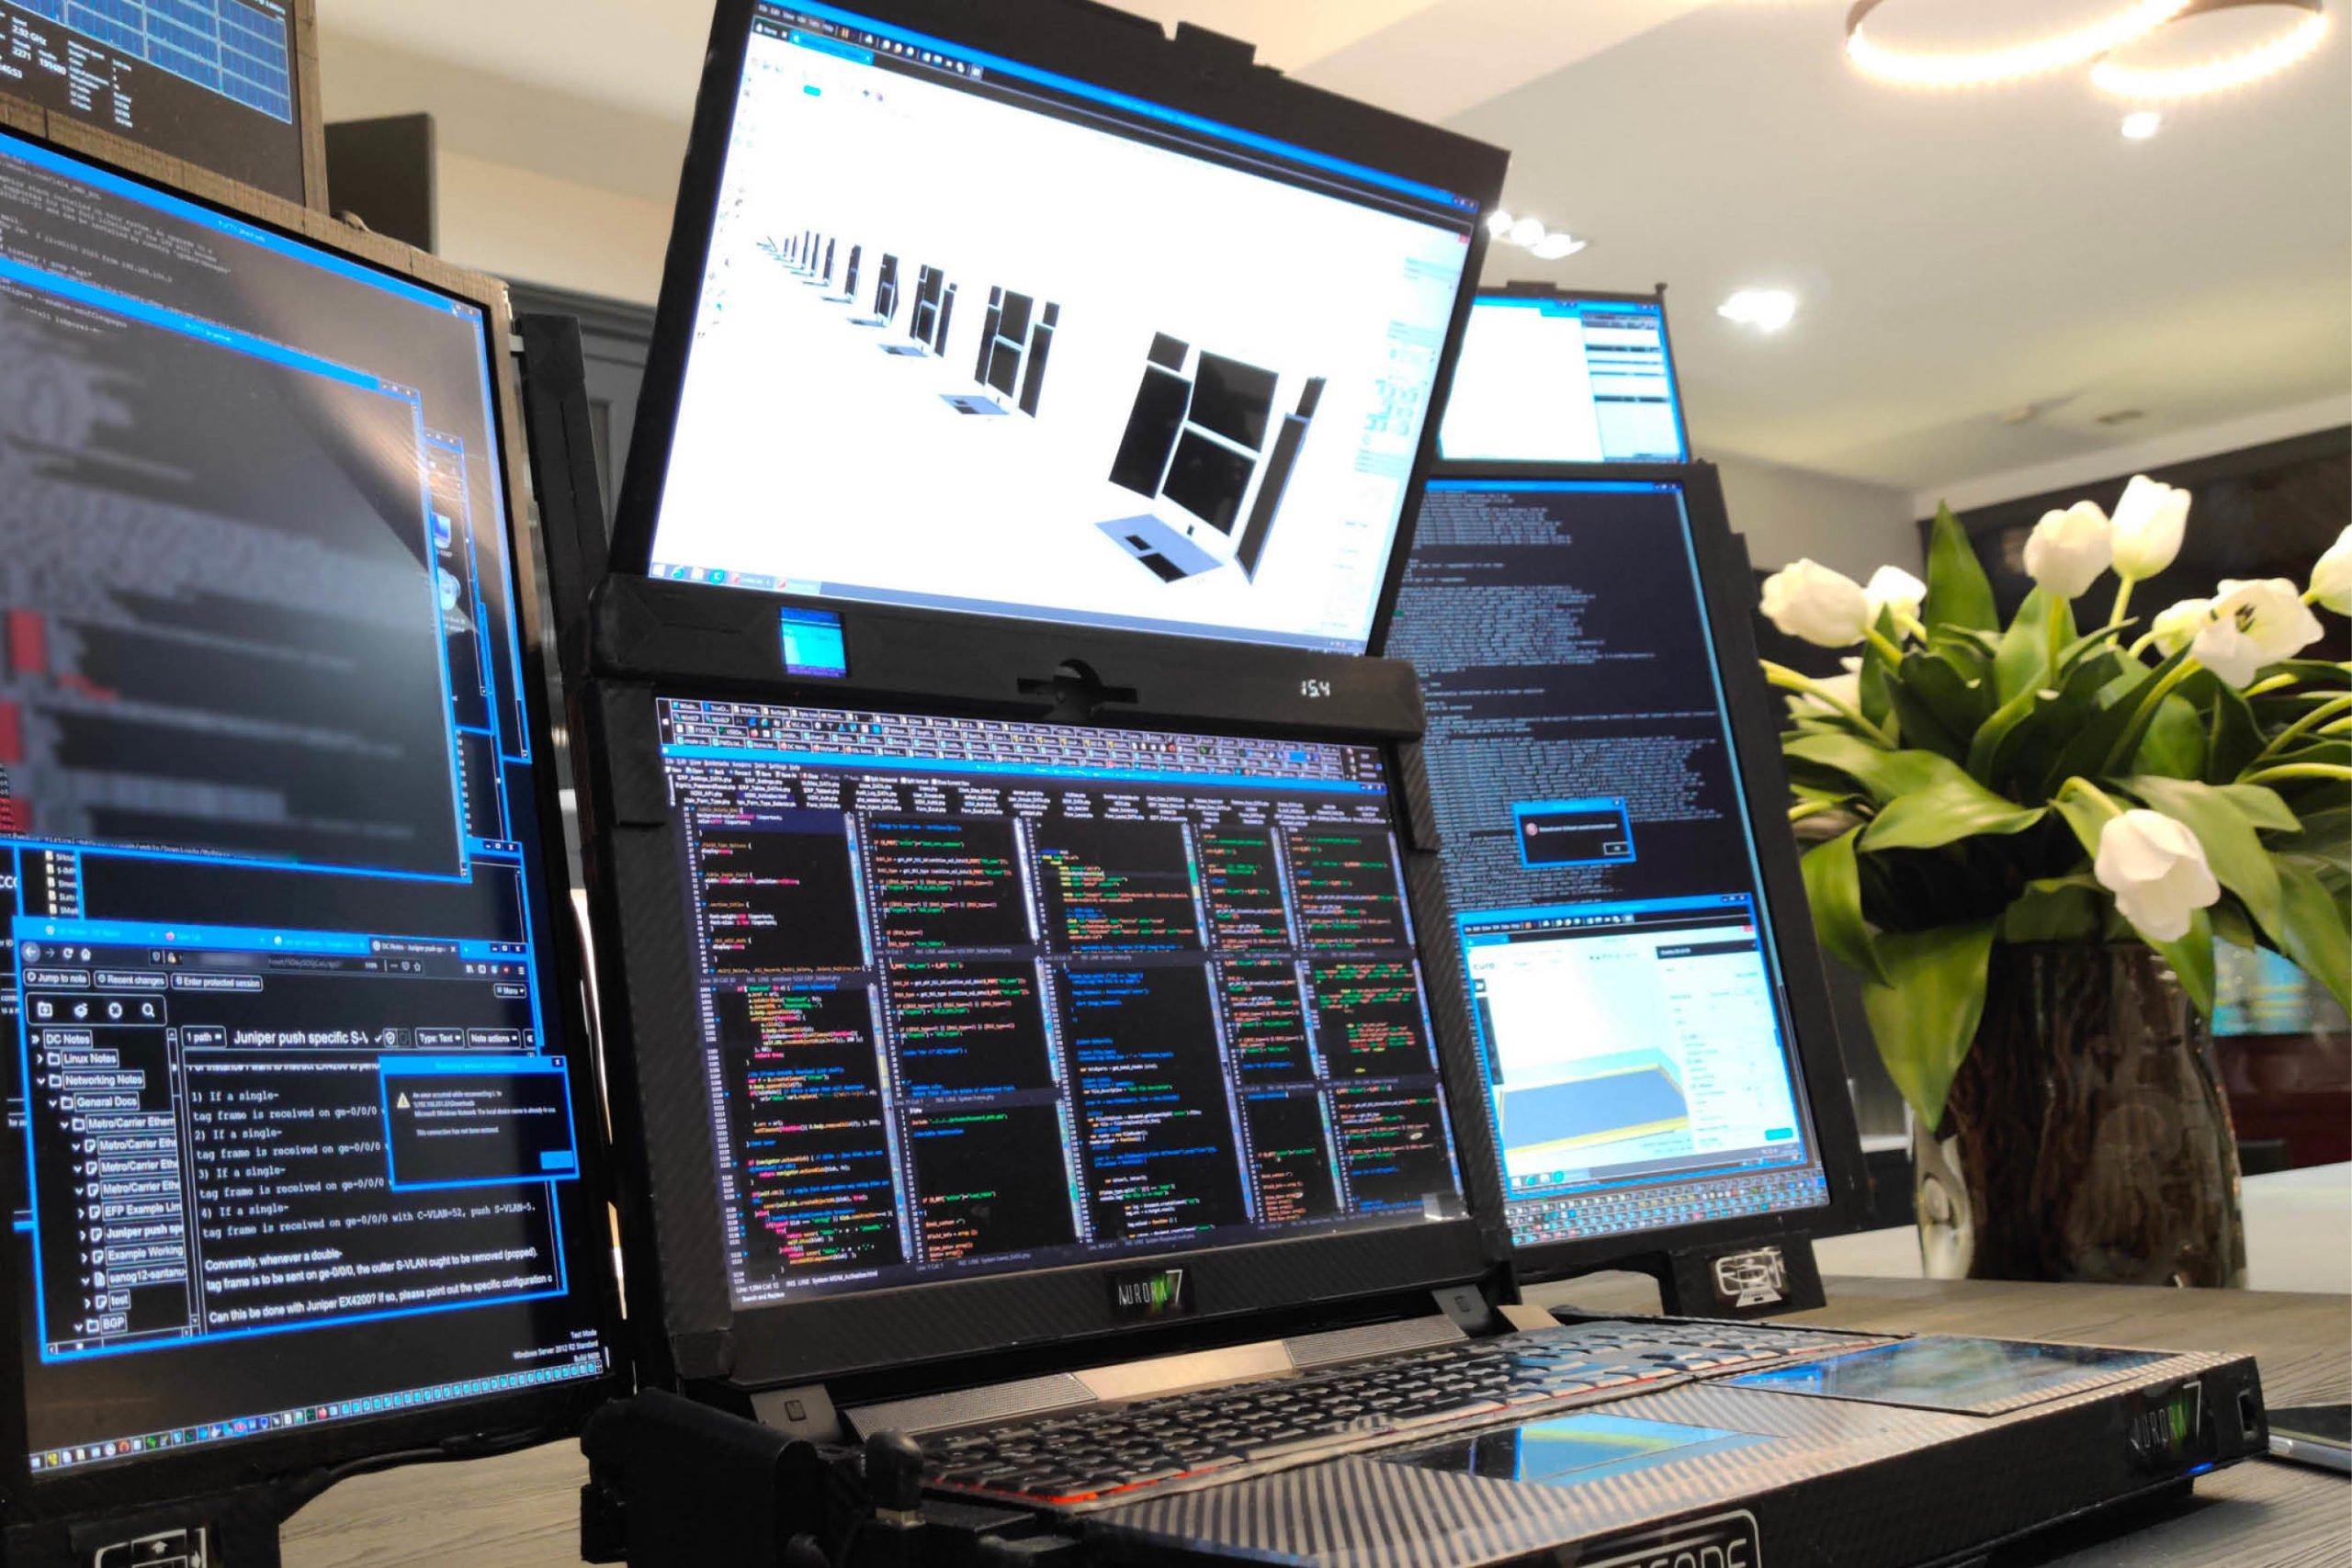 Cet ordinateur portable dispose de 7 écrans - Journal du geek